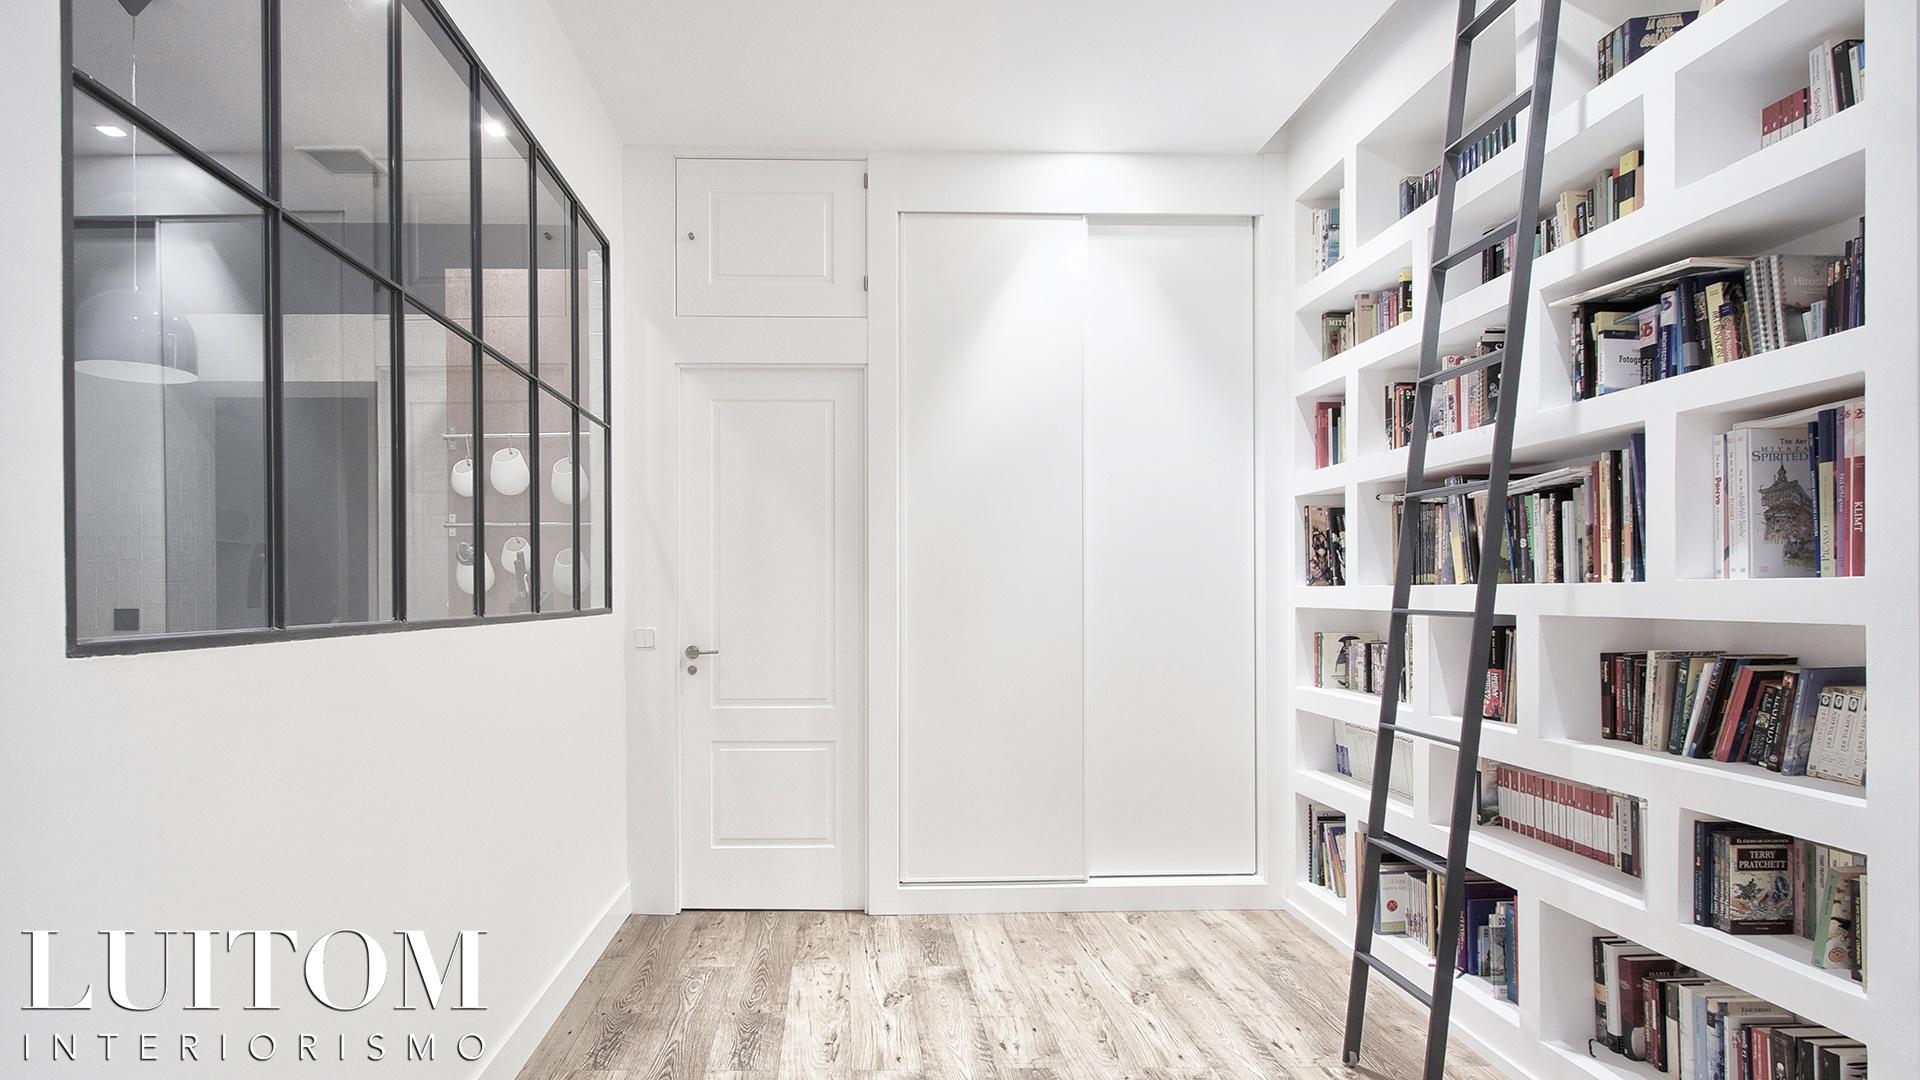 ideas-reforma-integral-casa-ideas-decoracion-mobiliario-arquitectos-interioristas-madrid-10